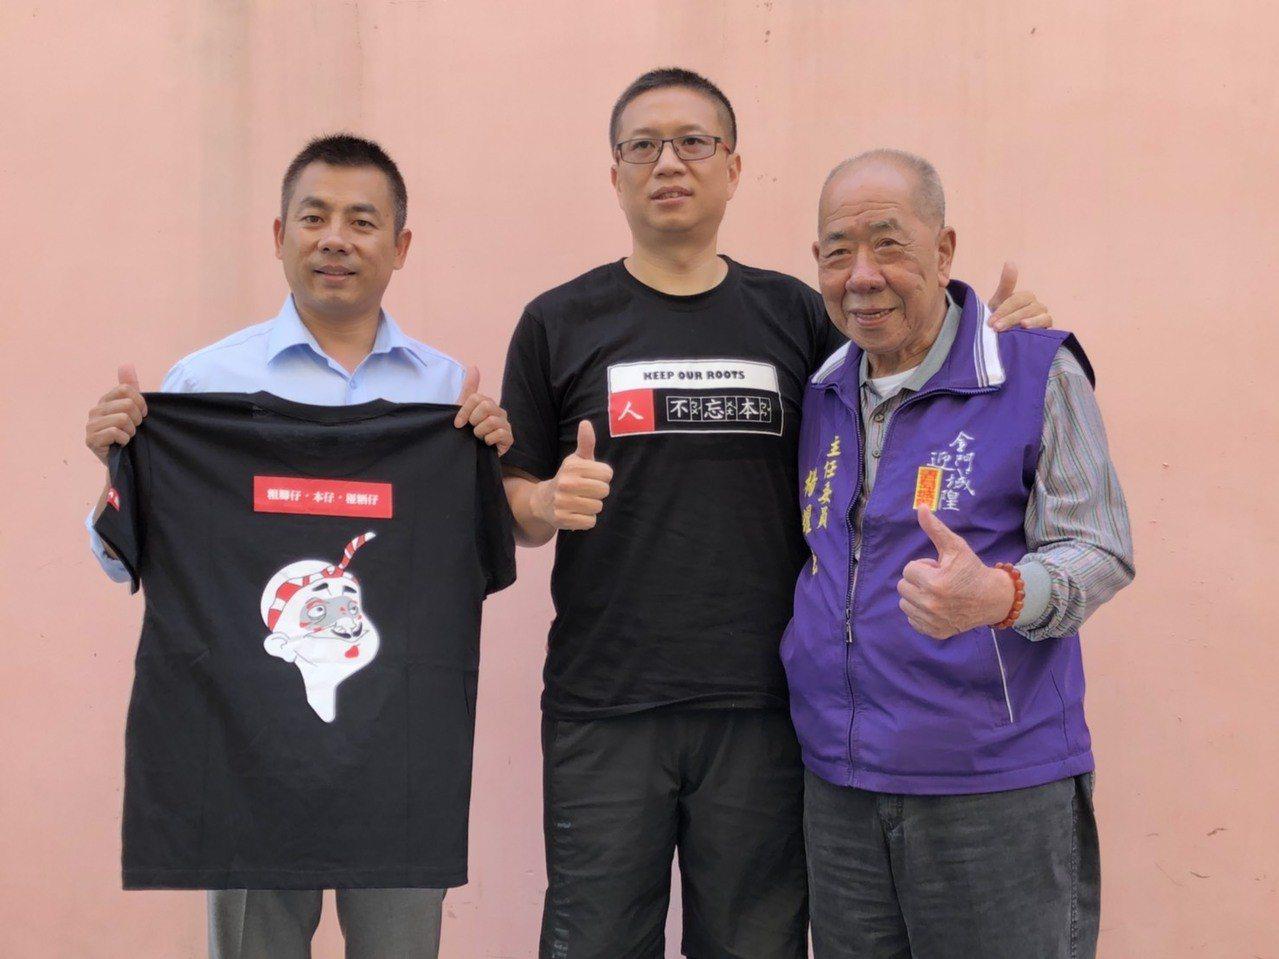 知名的楊基教育機構創辦人、也是青創楷模演講名人辛炳巍(中)此次也捐出700件紀念...